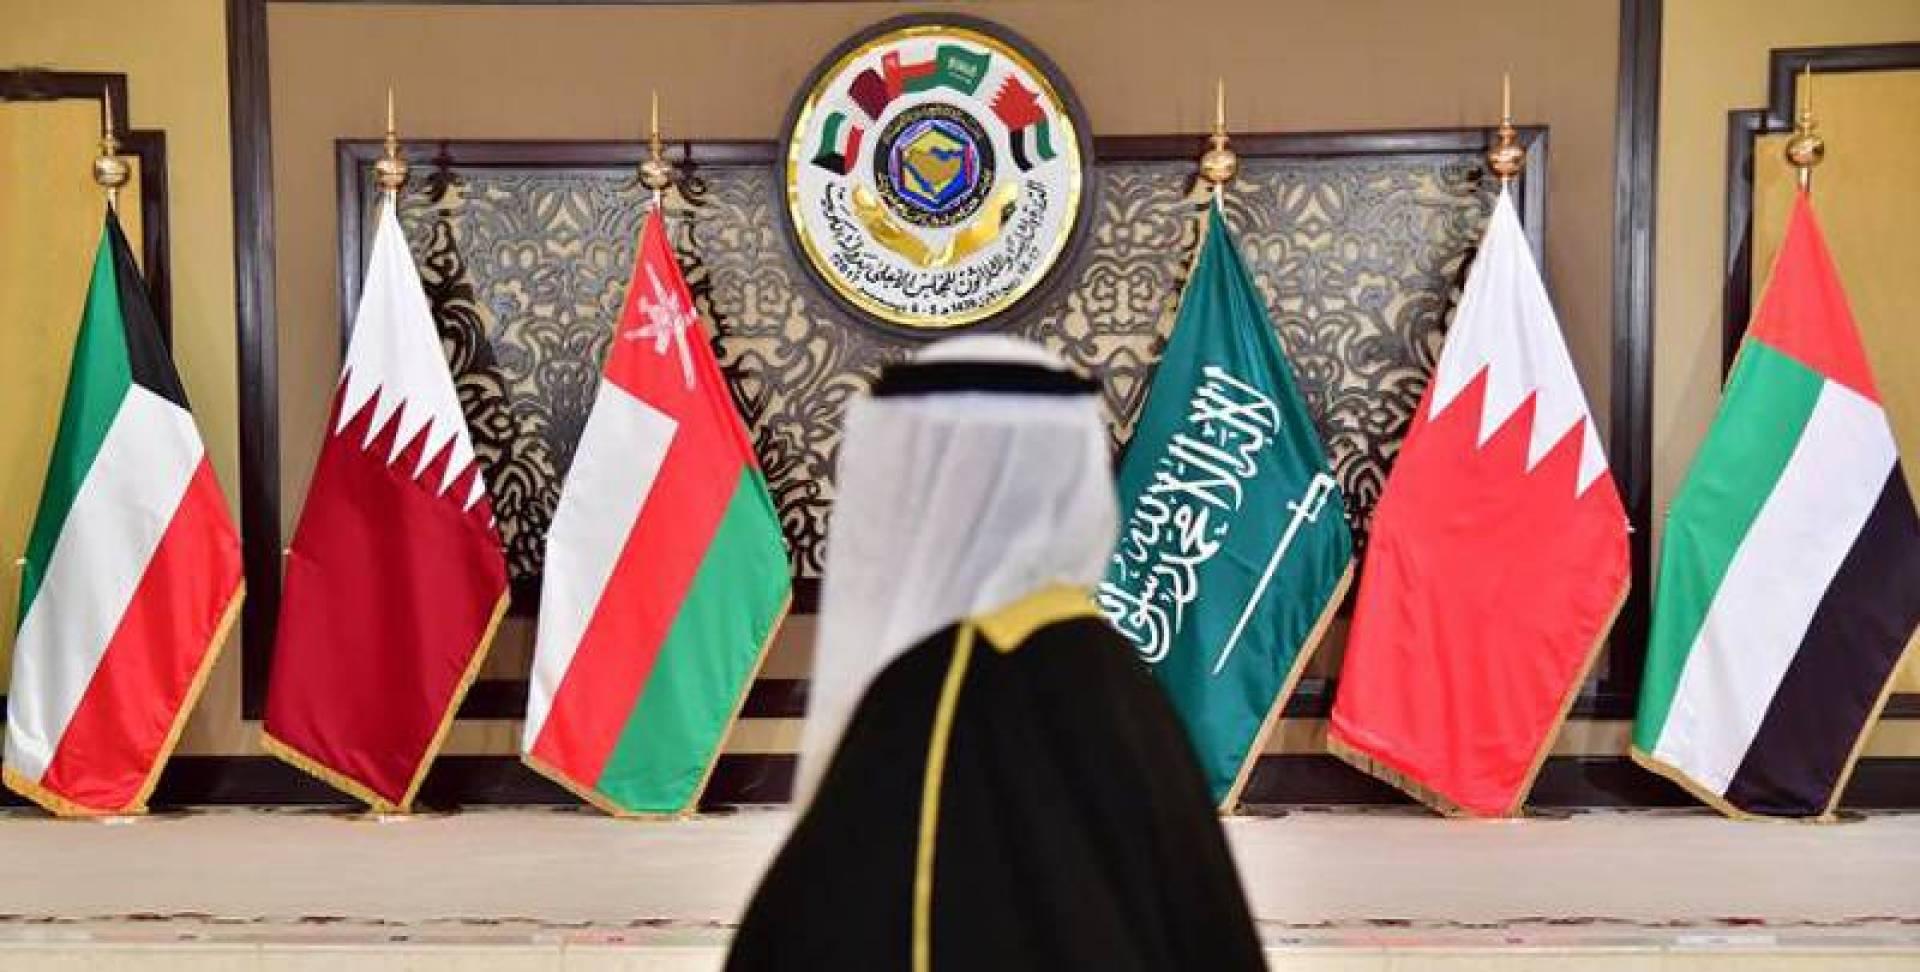 الوساطة الكويتية لحل الأزمة الخليجية قد تُستأنف في أي وقت